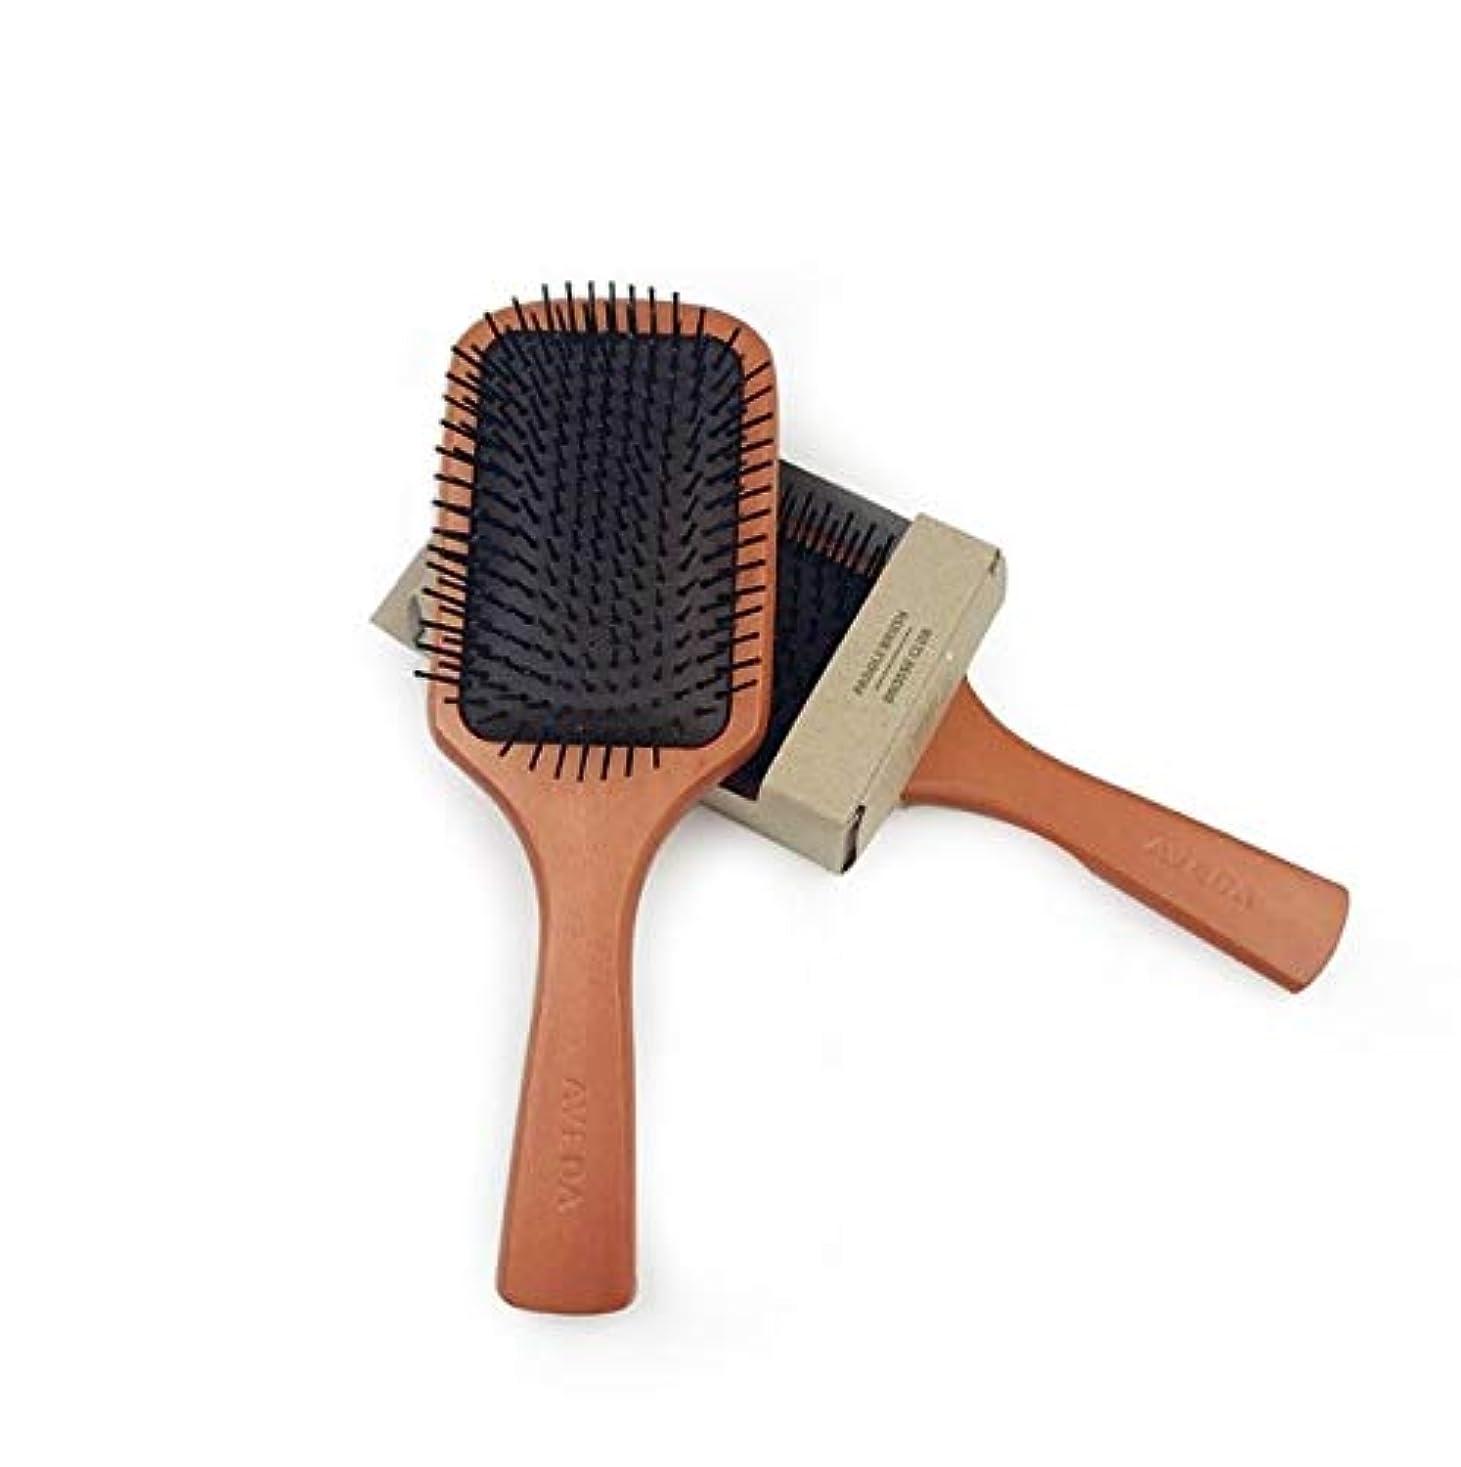 ピグマリオン吸収するキャンディー木製の櫛、ピーチウッド帯電防止エアクッションマッサージ櫛、巻き毛の櫛の髪の櫛、髪の櫛、髪の櫛